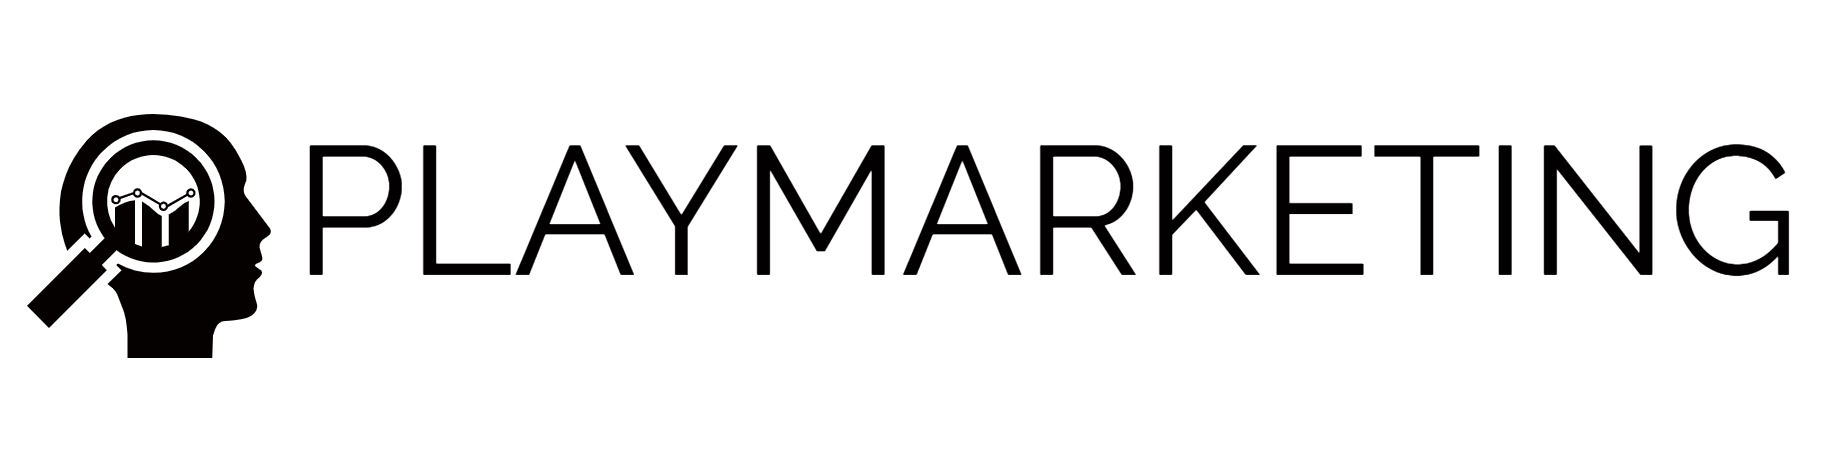 검색엔진최적화 SEO 바이럴마케팅 | 플레이마케팅